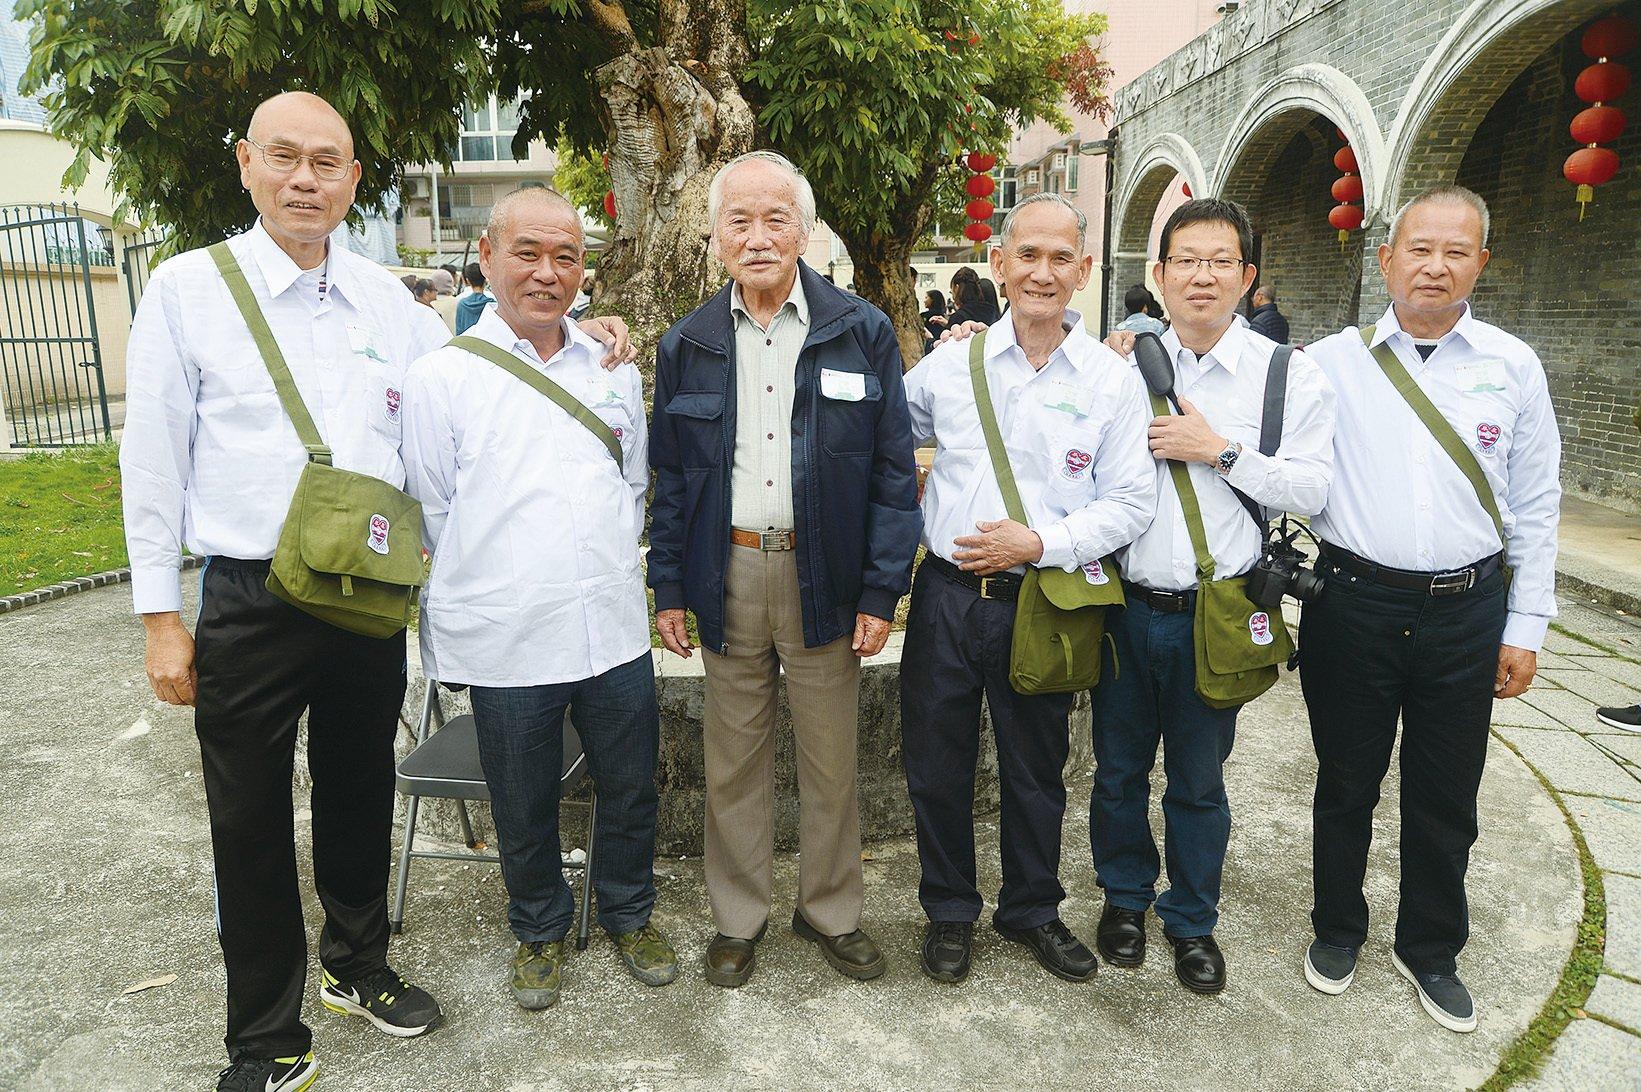 左至右:友恭學校舊生翁先生、江先生、校長鄧永成,校友右二鄧先生、右一鄧鐸彬。(宋碧龍/大紀元)